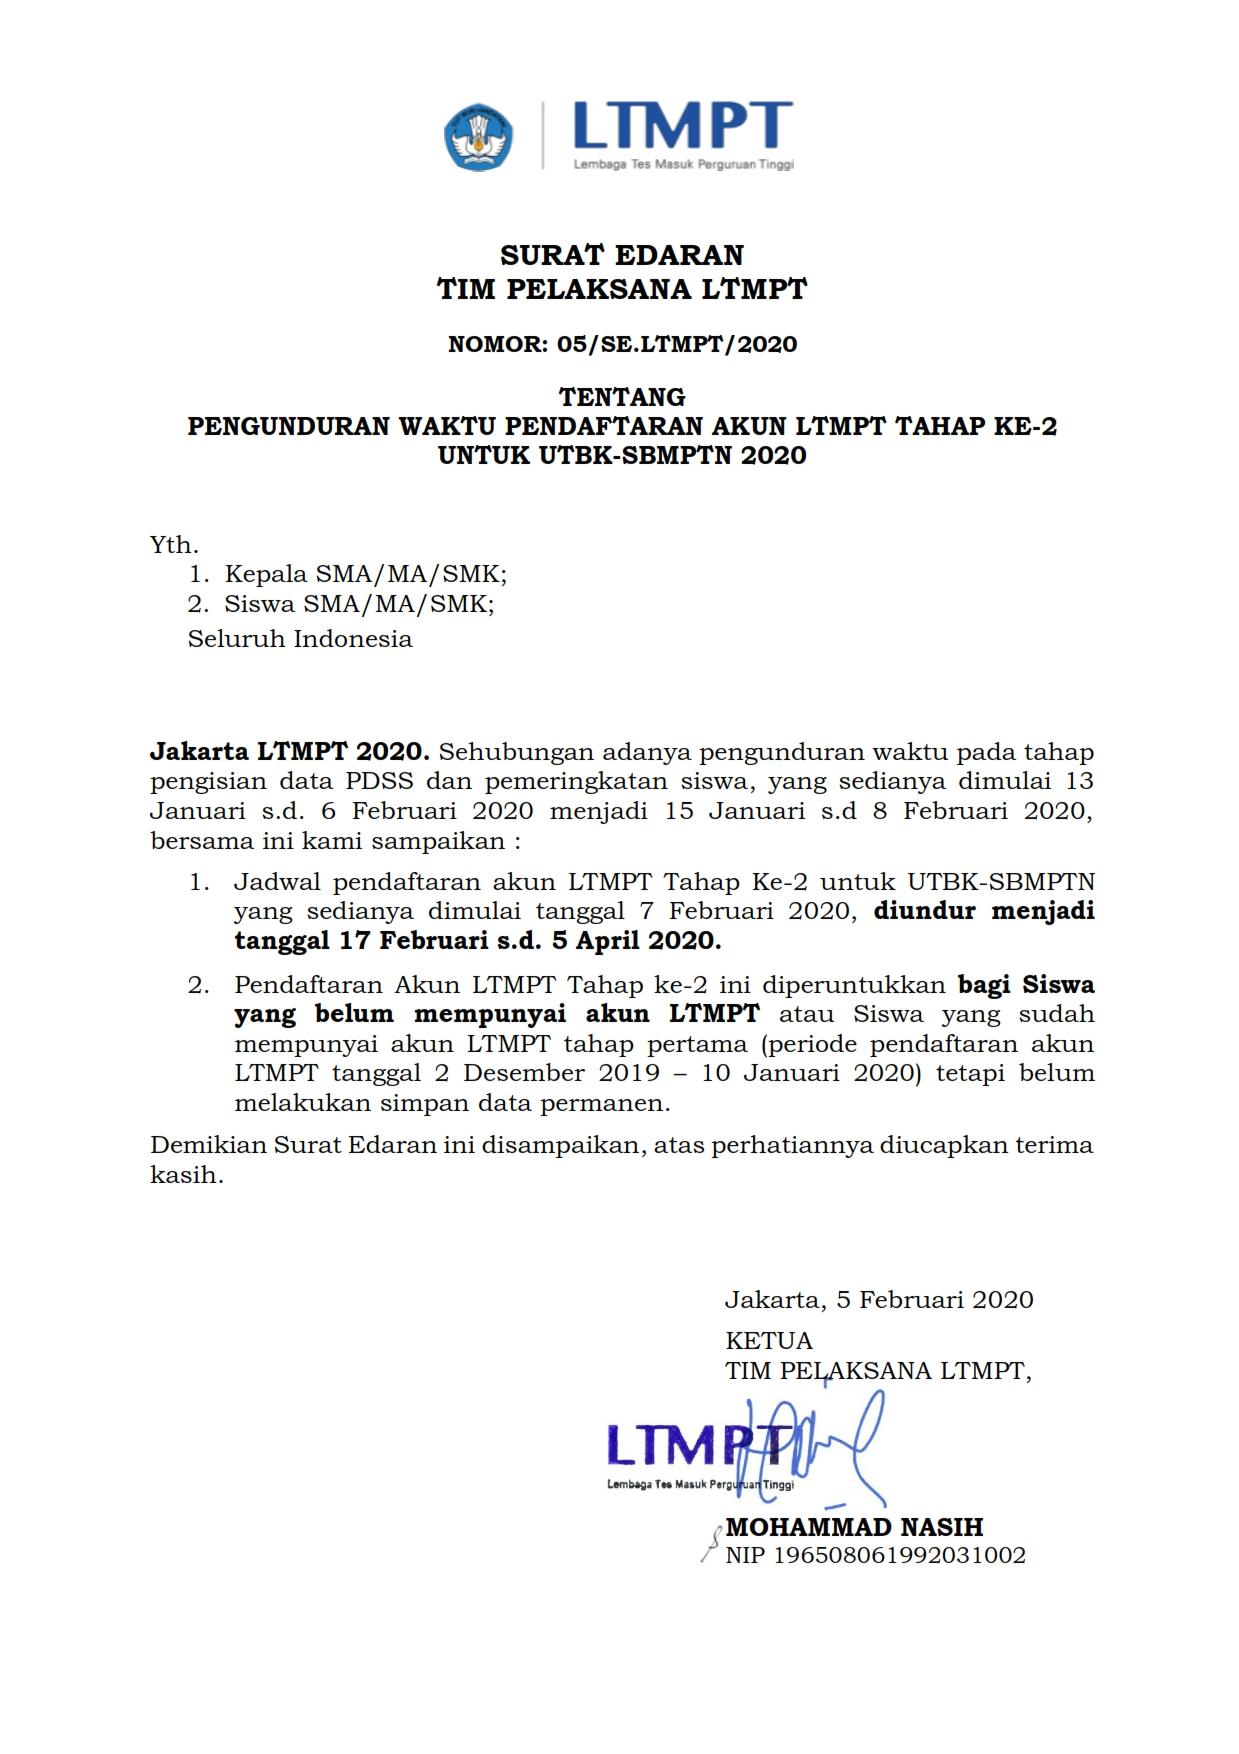 Pengunduran Waktu Pendaftaran Akun Ltmpt Tahap Ke 2 Untuk Utbk Sbmptn 2020 Isi Jogja